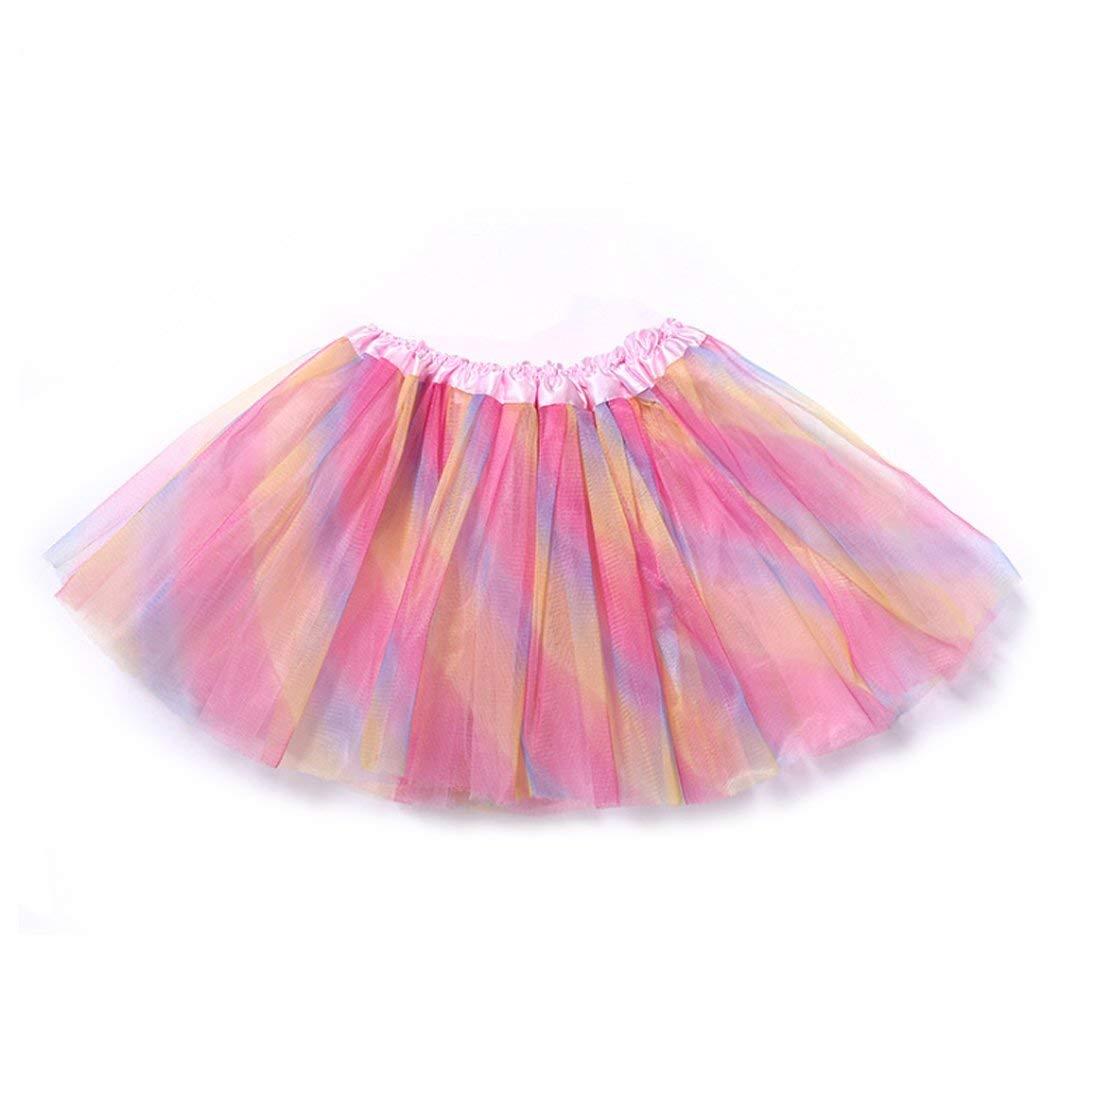 fc772a216e Get Quotations · SHENLINQIJ Girl Tutu Skirt Women Tutu Ballet Dance Dress  up Skirt